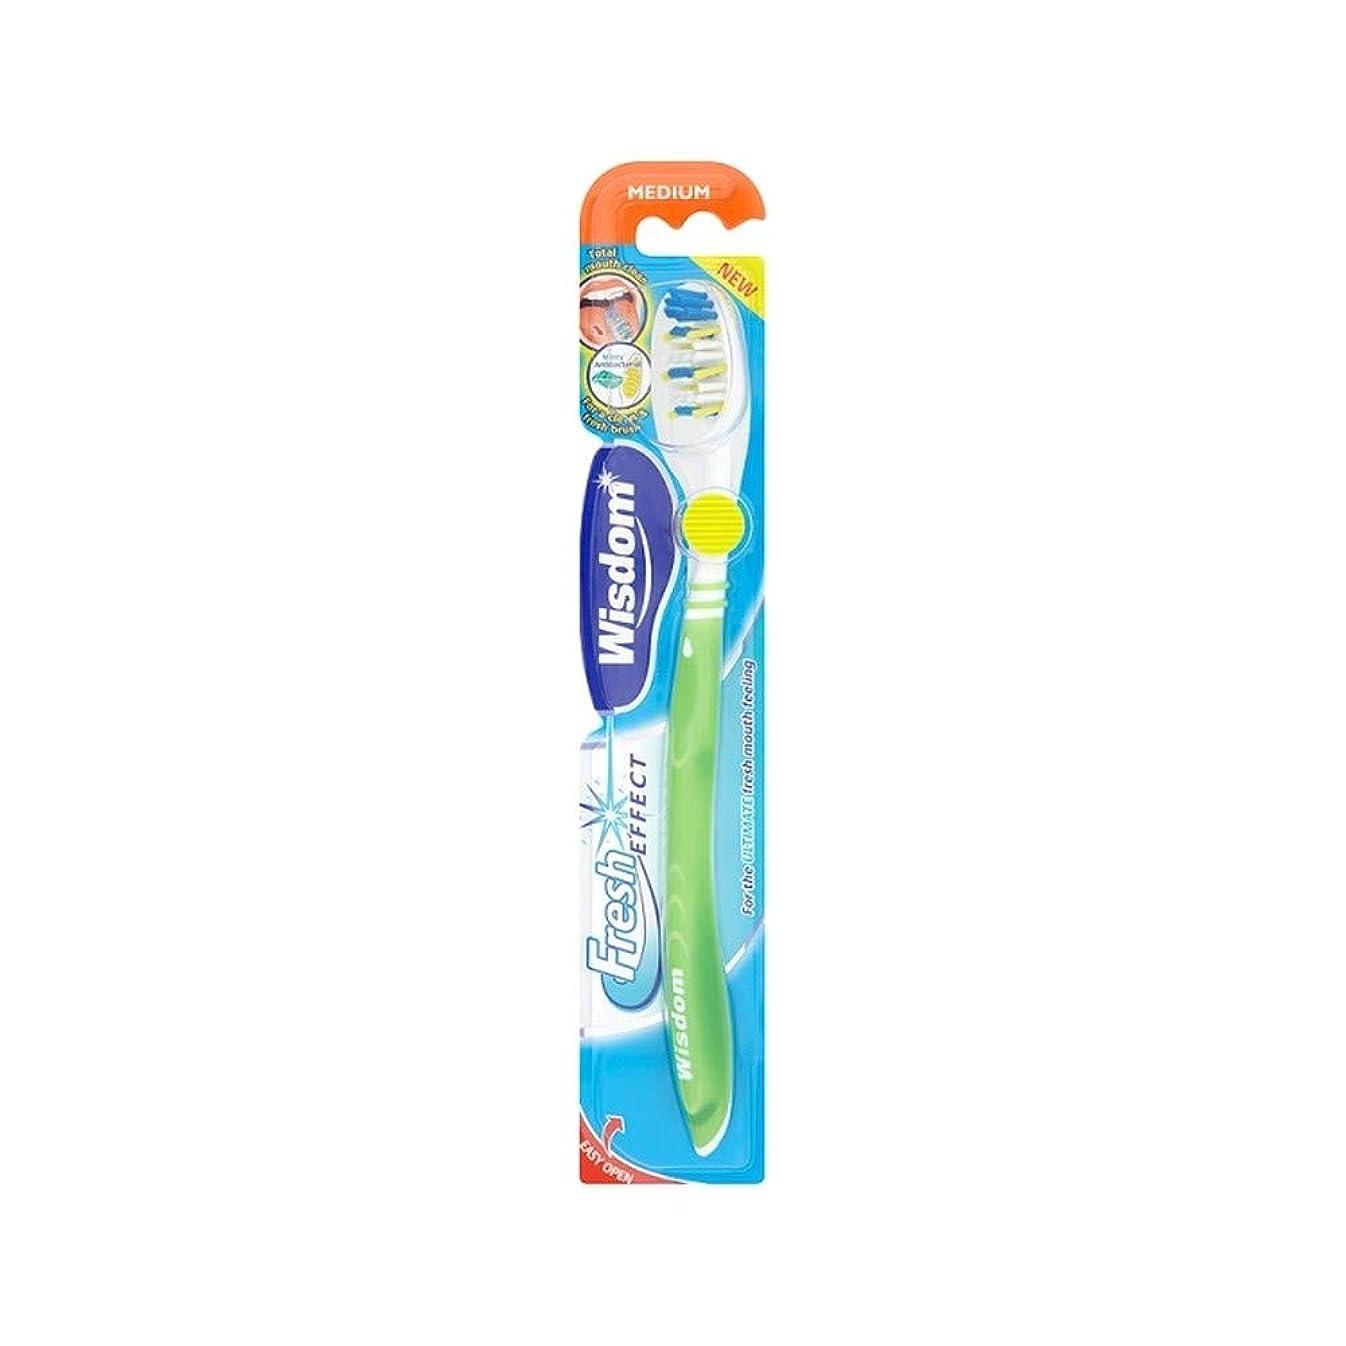 区画安らぎ進行中[Wisdom ] 10の知恵フレッシュ効果メディア歯ブラシパック - Wisdom Fresh Effect Medium Toothbrush Pack of 10 [並行輸入品]